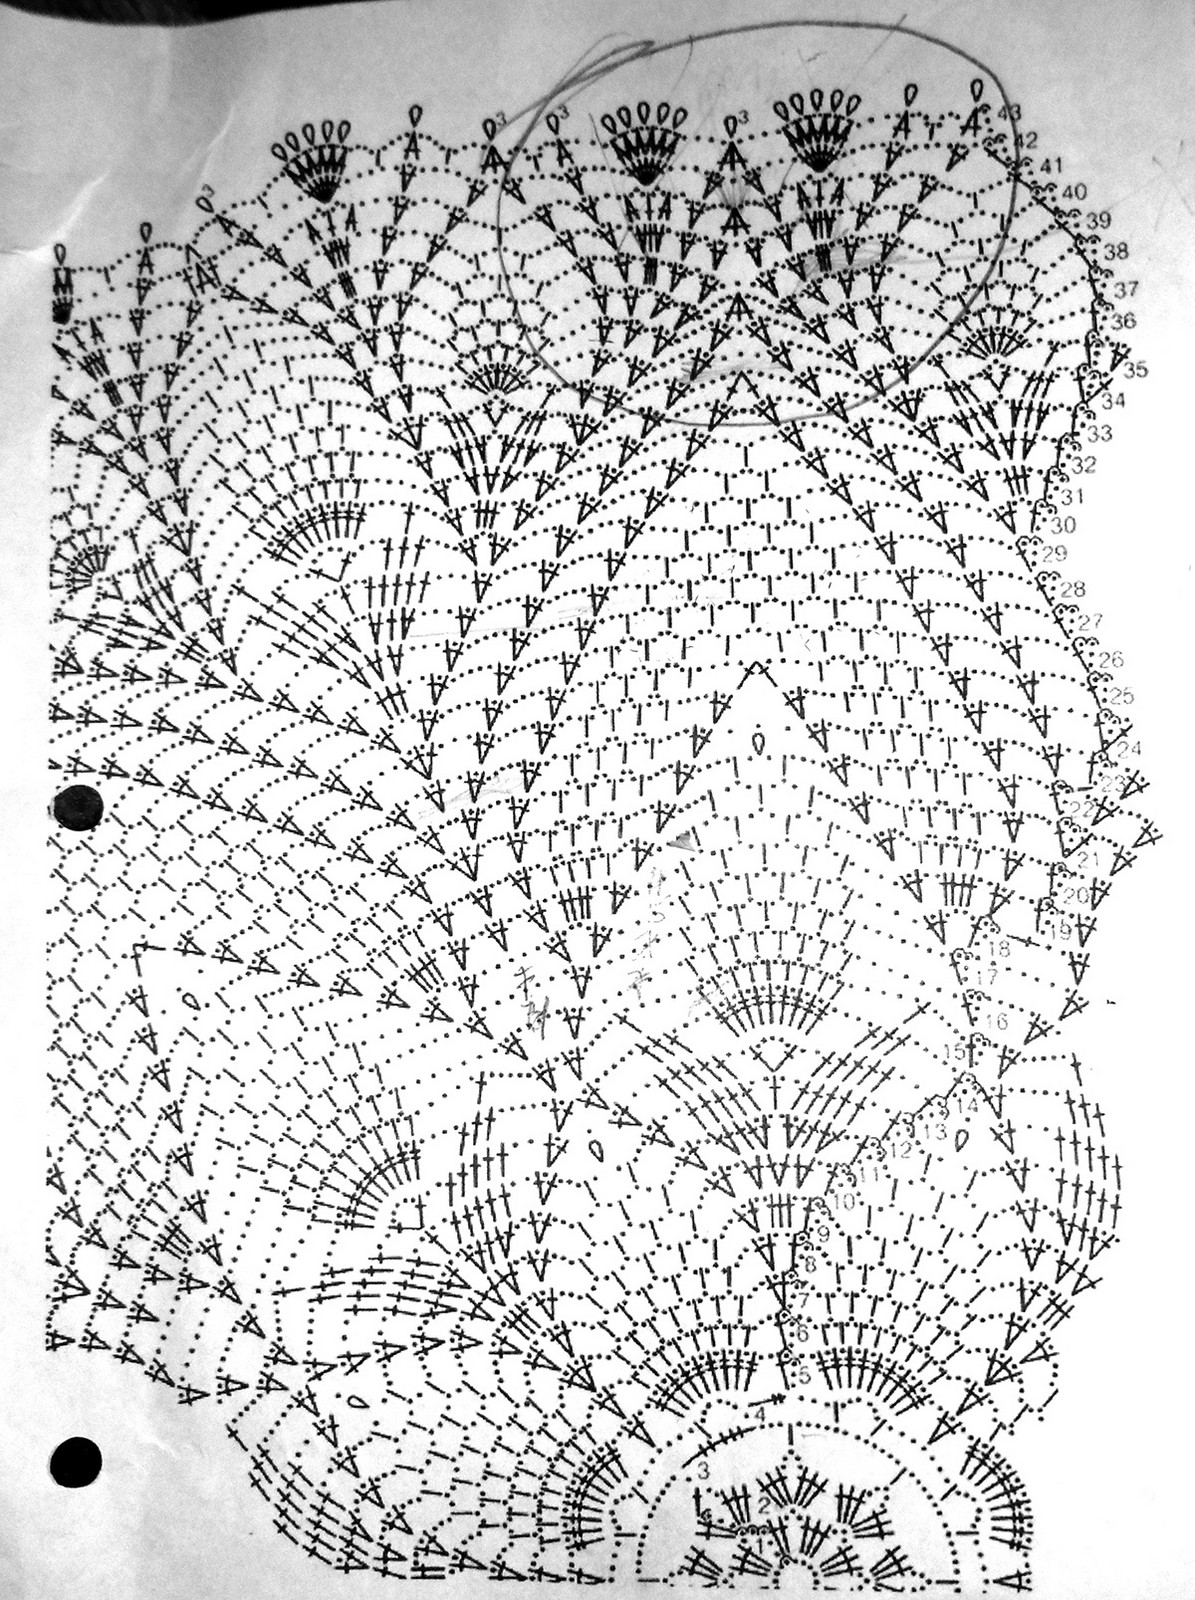 схемы для вязания спицами шарфа с именем артур